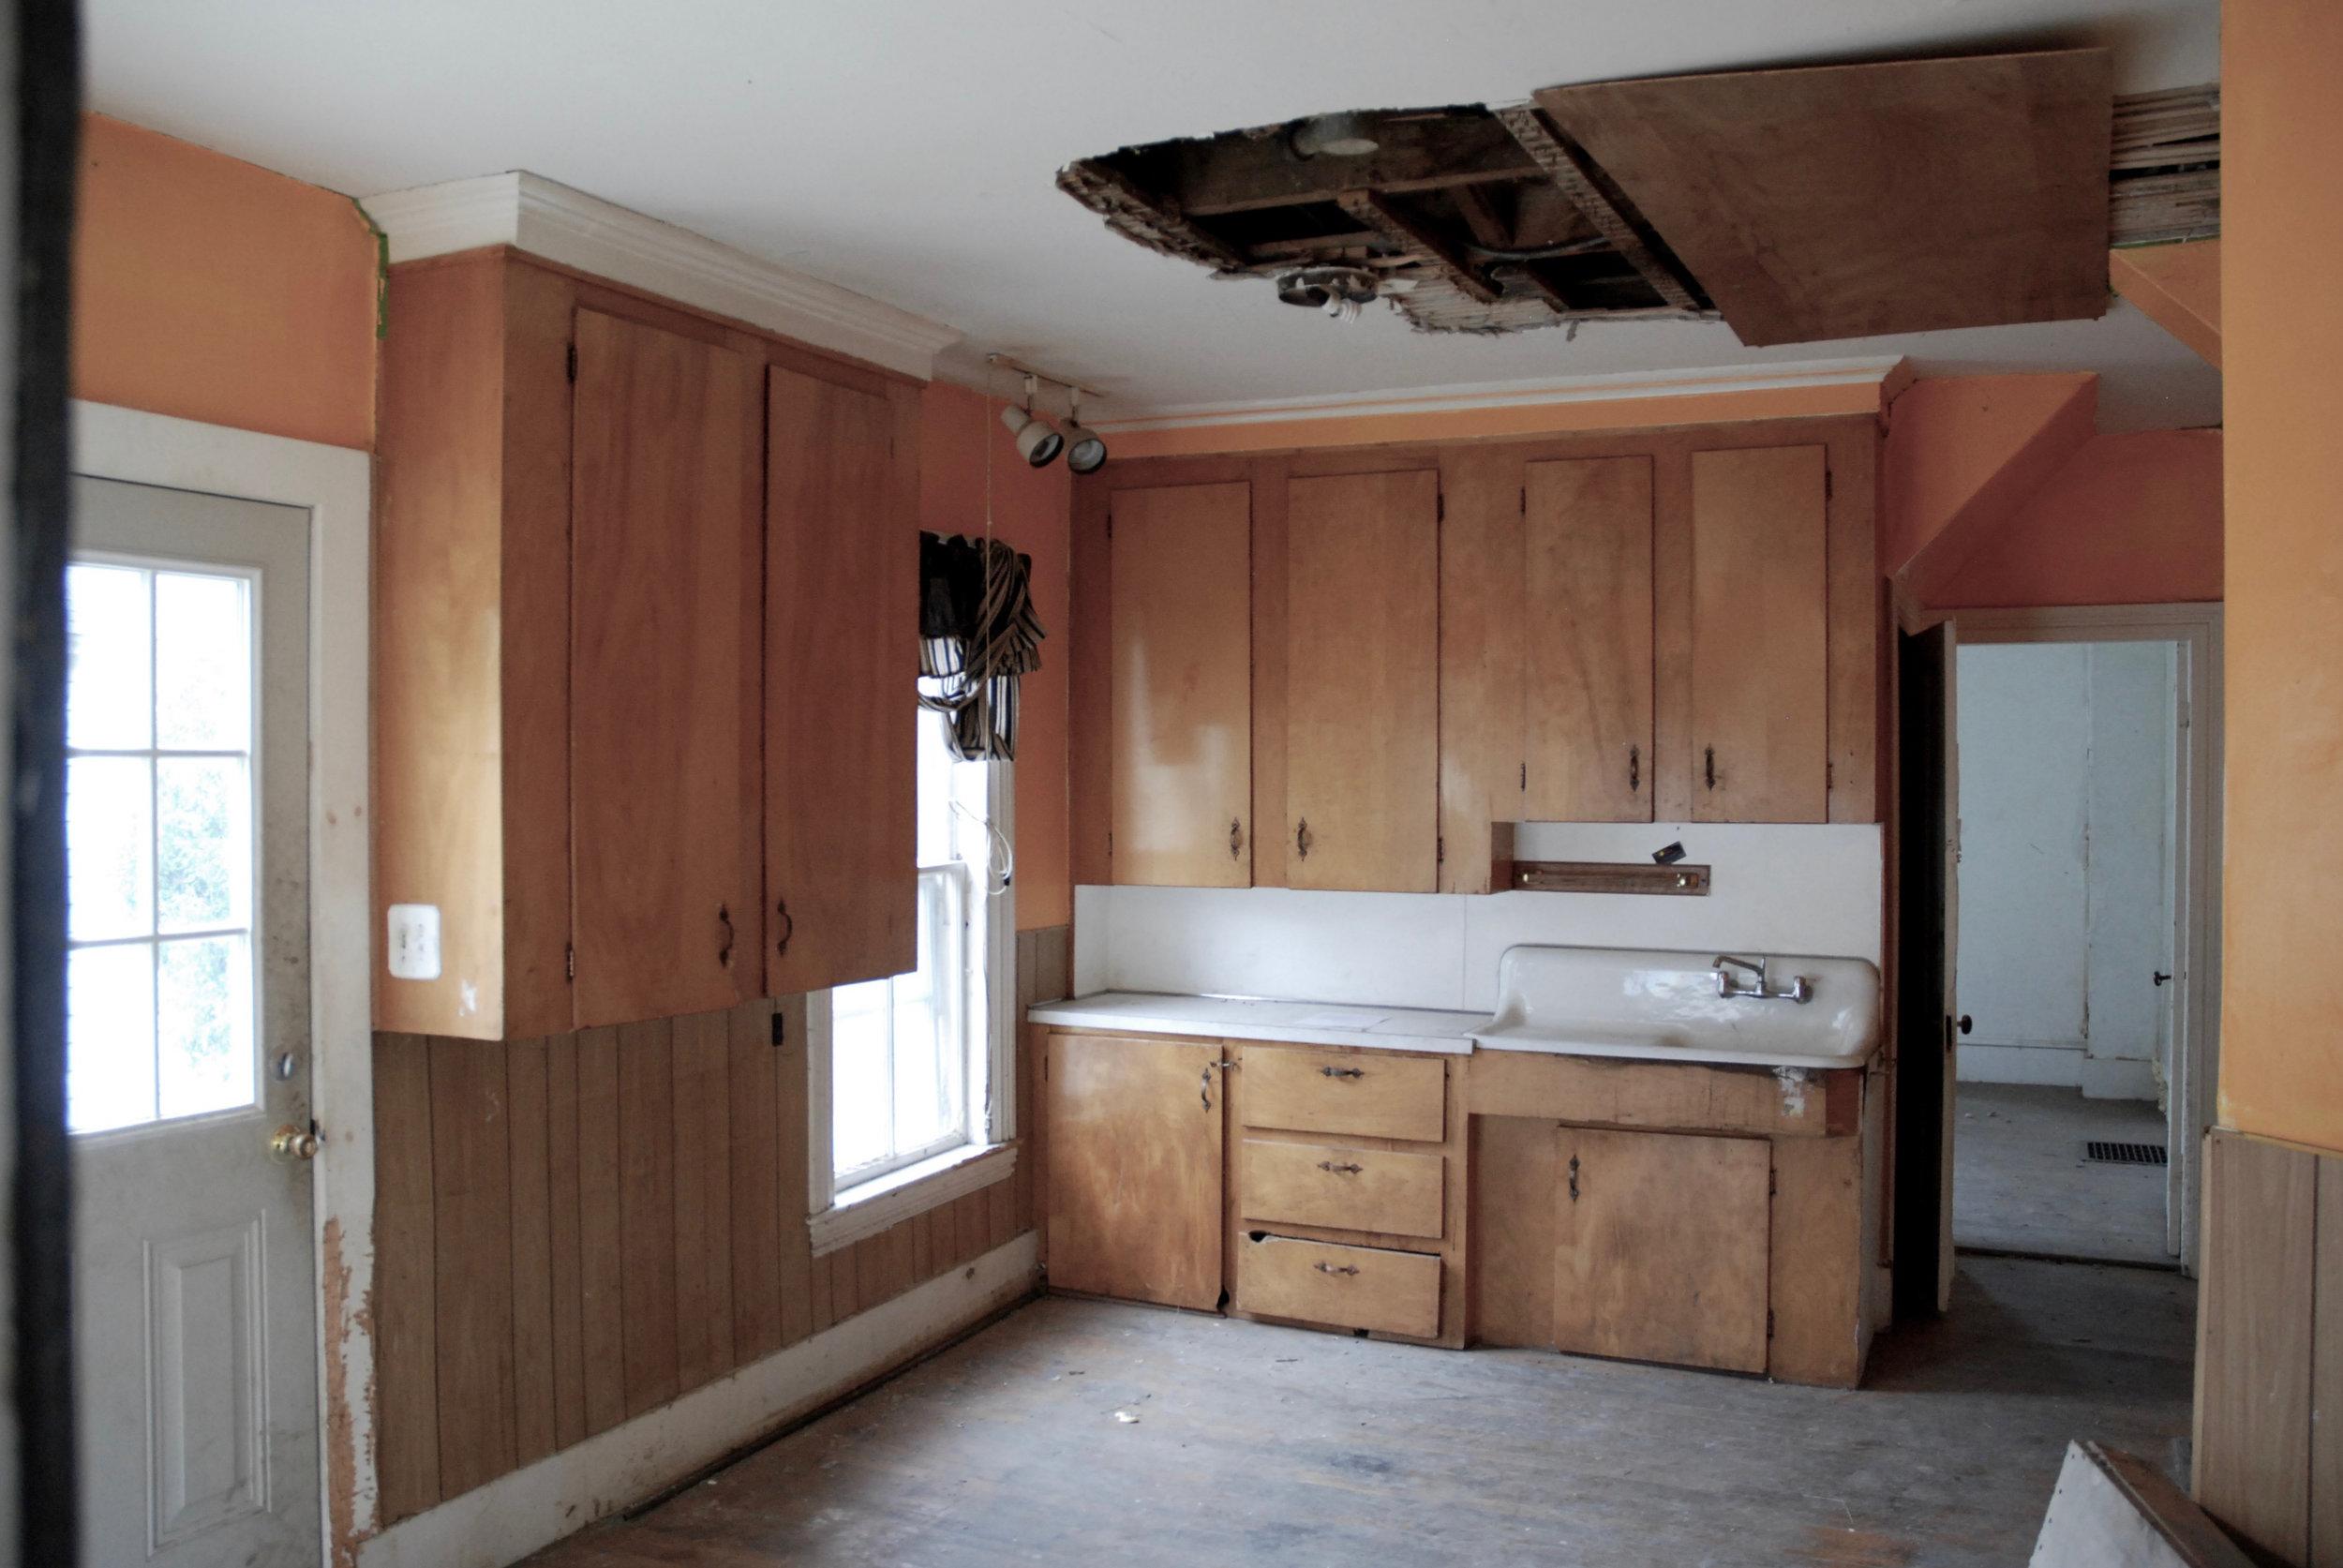 North kitchen